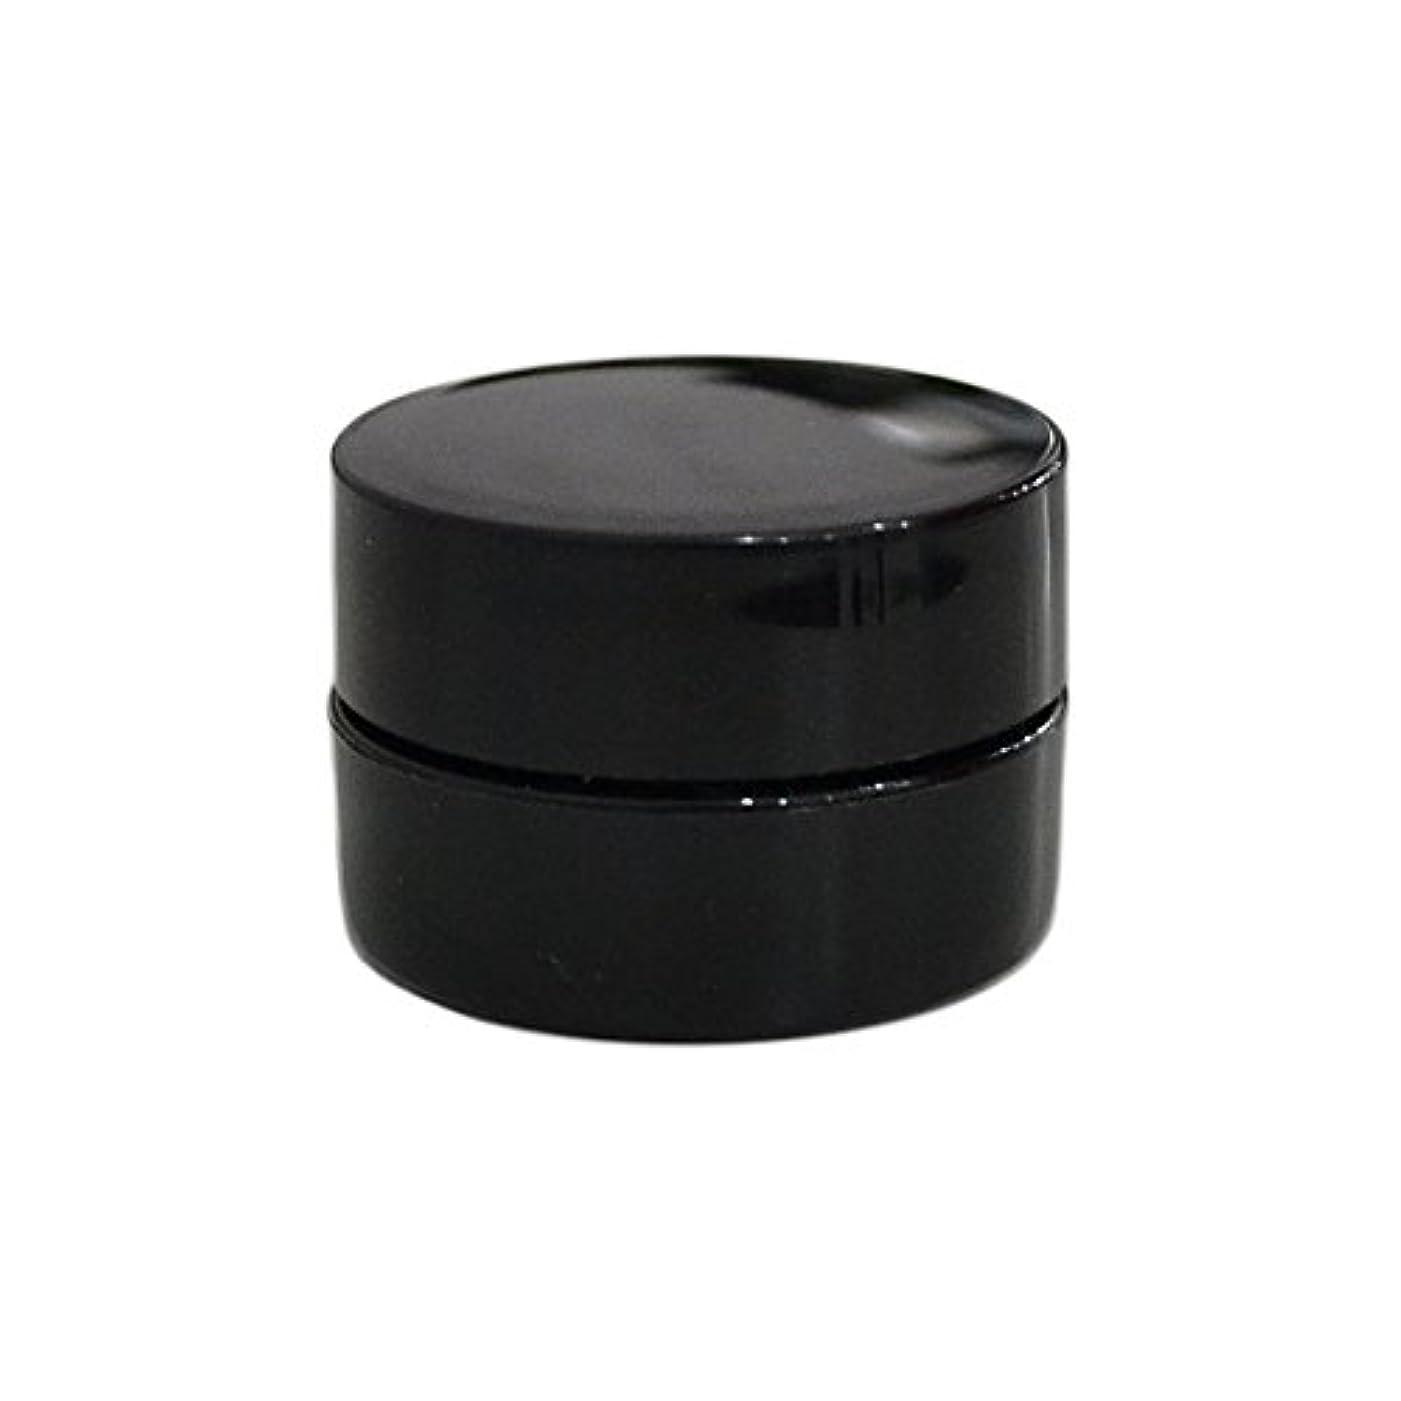 コーンウォール簡単に責任者10個セット/純国産ネイルジェルコンテナ 3g用 GA3g 漏れ防止パッキン&ブラシプレート付容器 ジェルを無駄なく使える底面傾斜あり 遮光 黒 ブラック